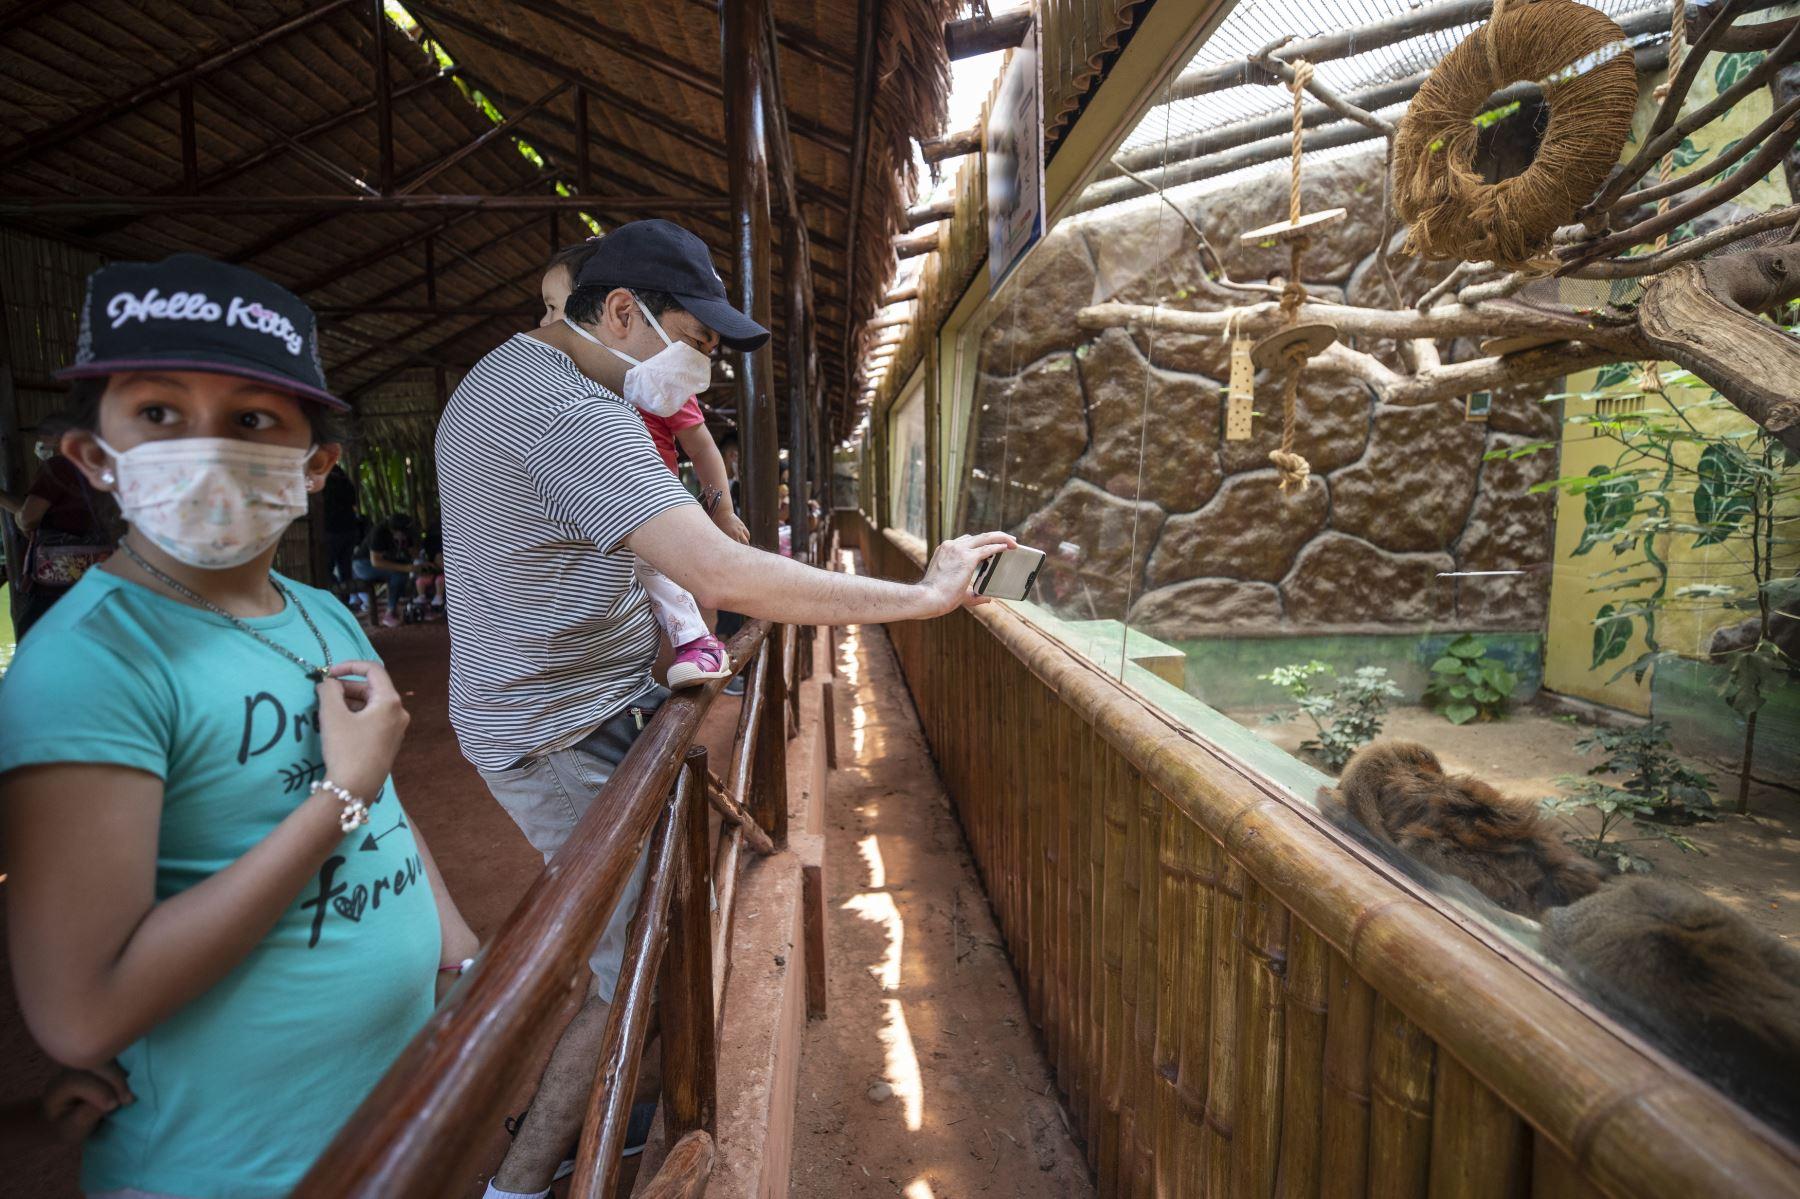 El Parque de las Leyendas presentó al nuevo ejemplar de mono tocón nacido recientemente. El público visitante pudo apreciar al primate. Foto: MML.